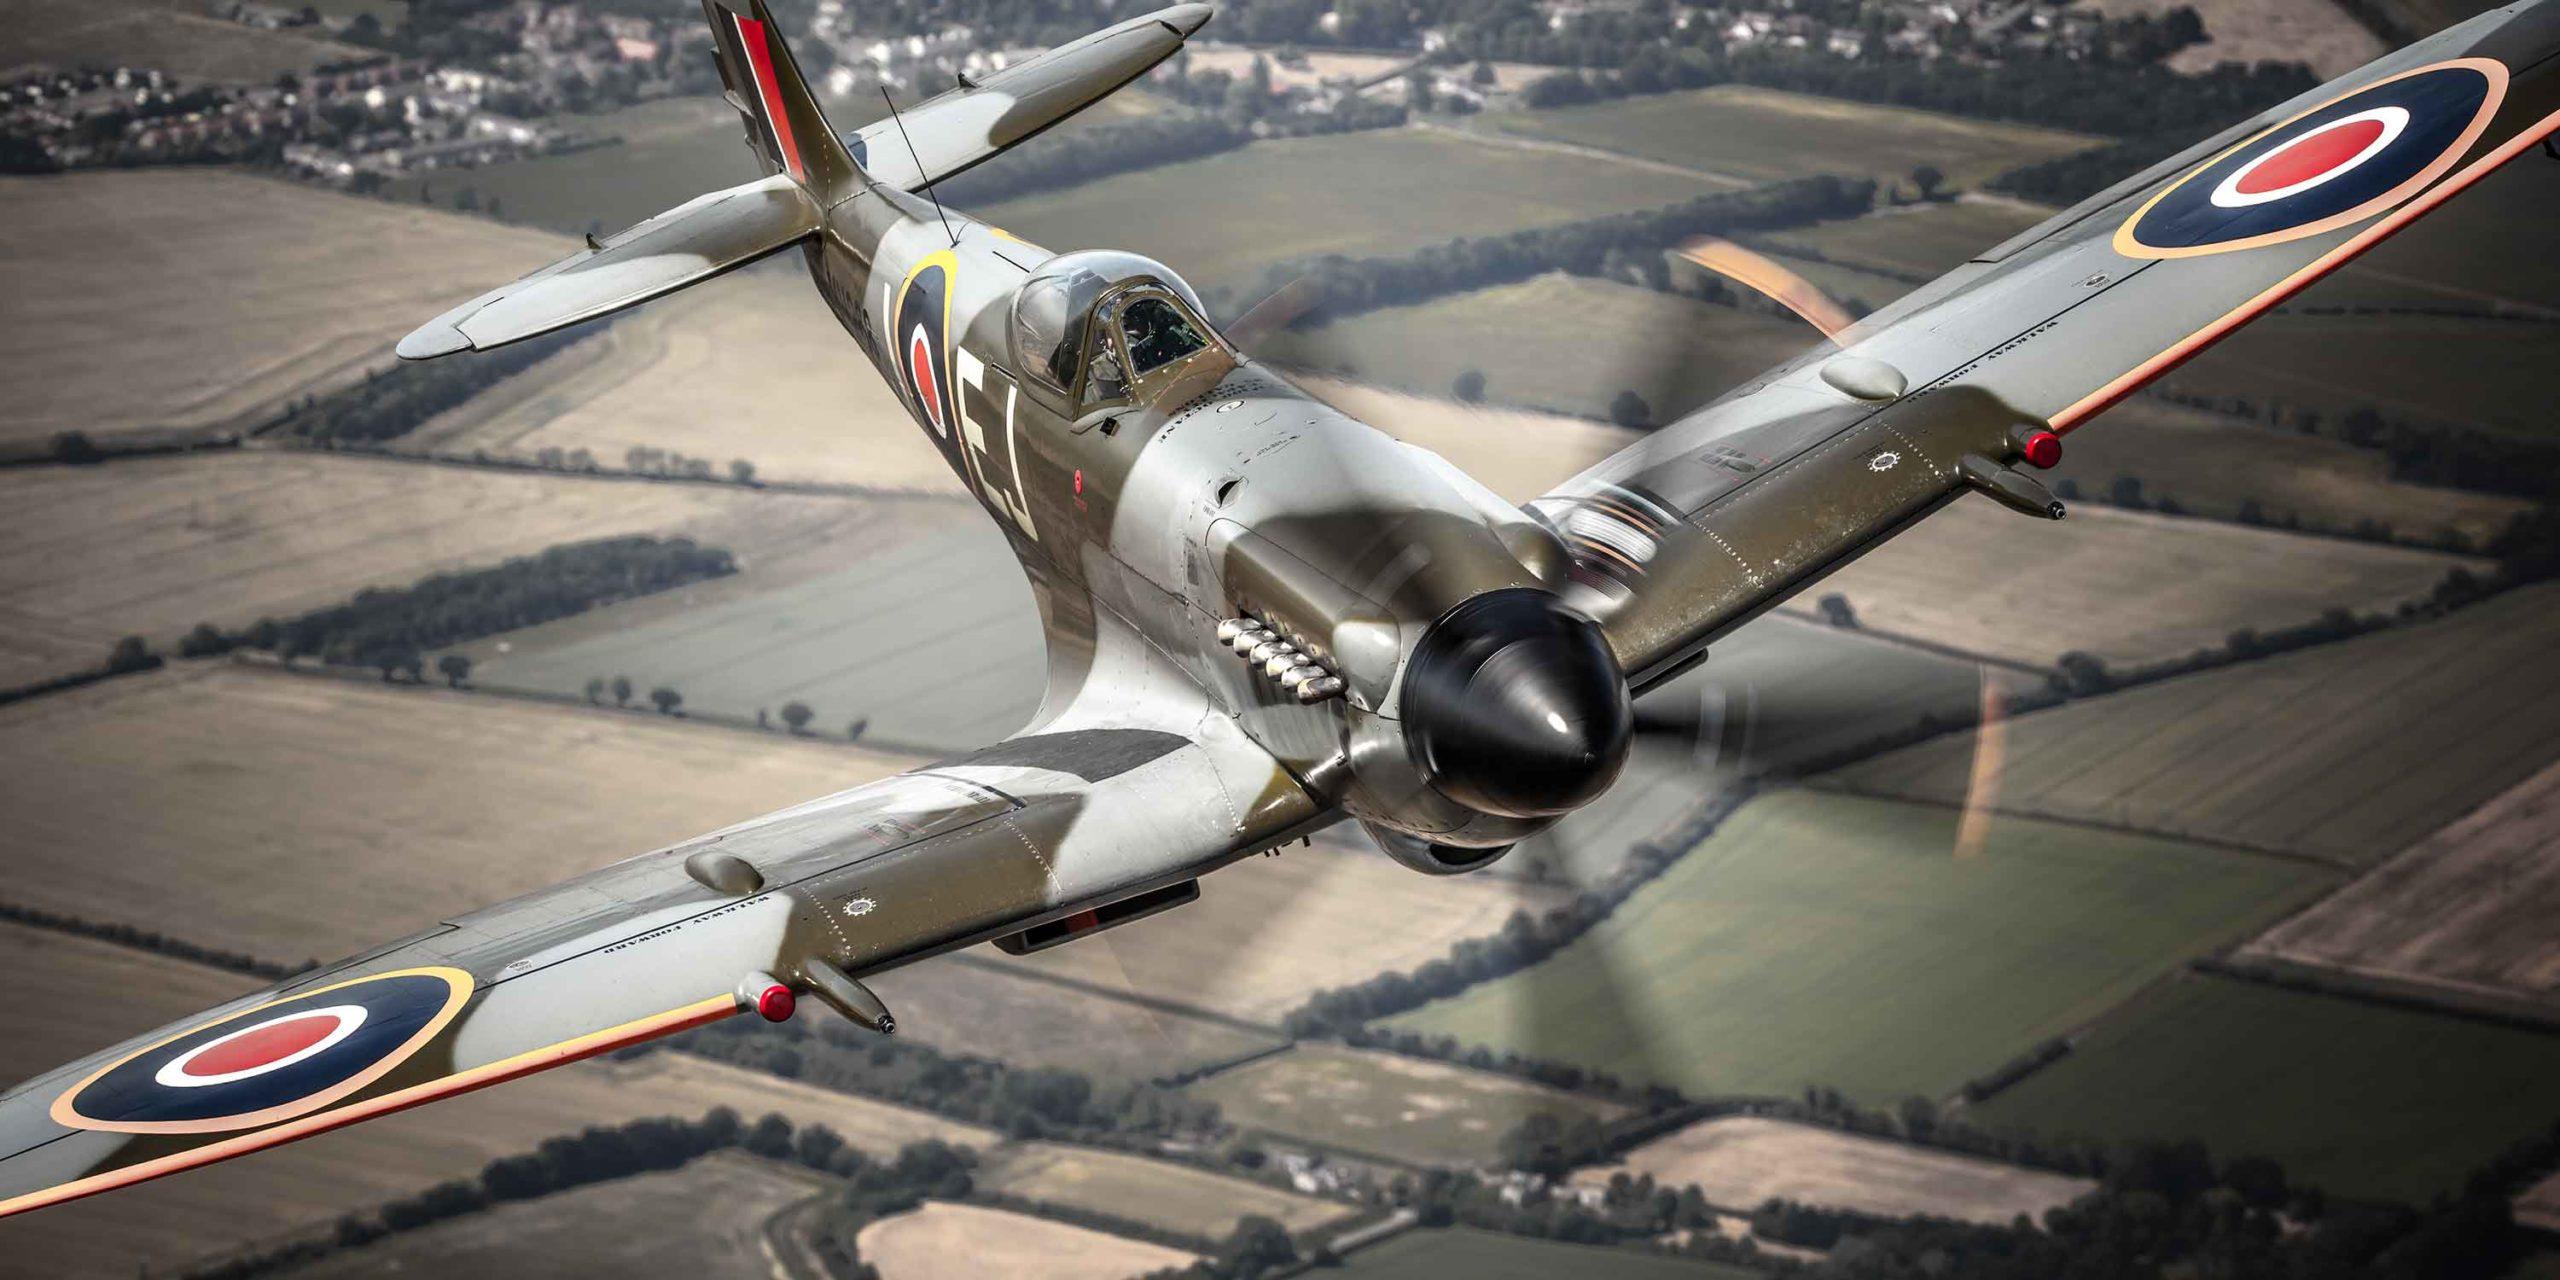 Spitfire Duxford Airshow